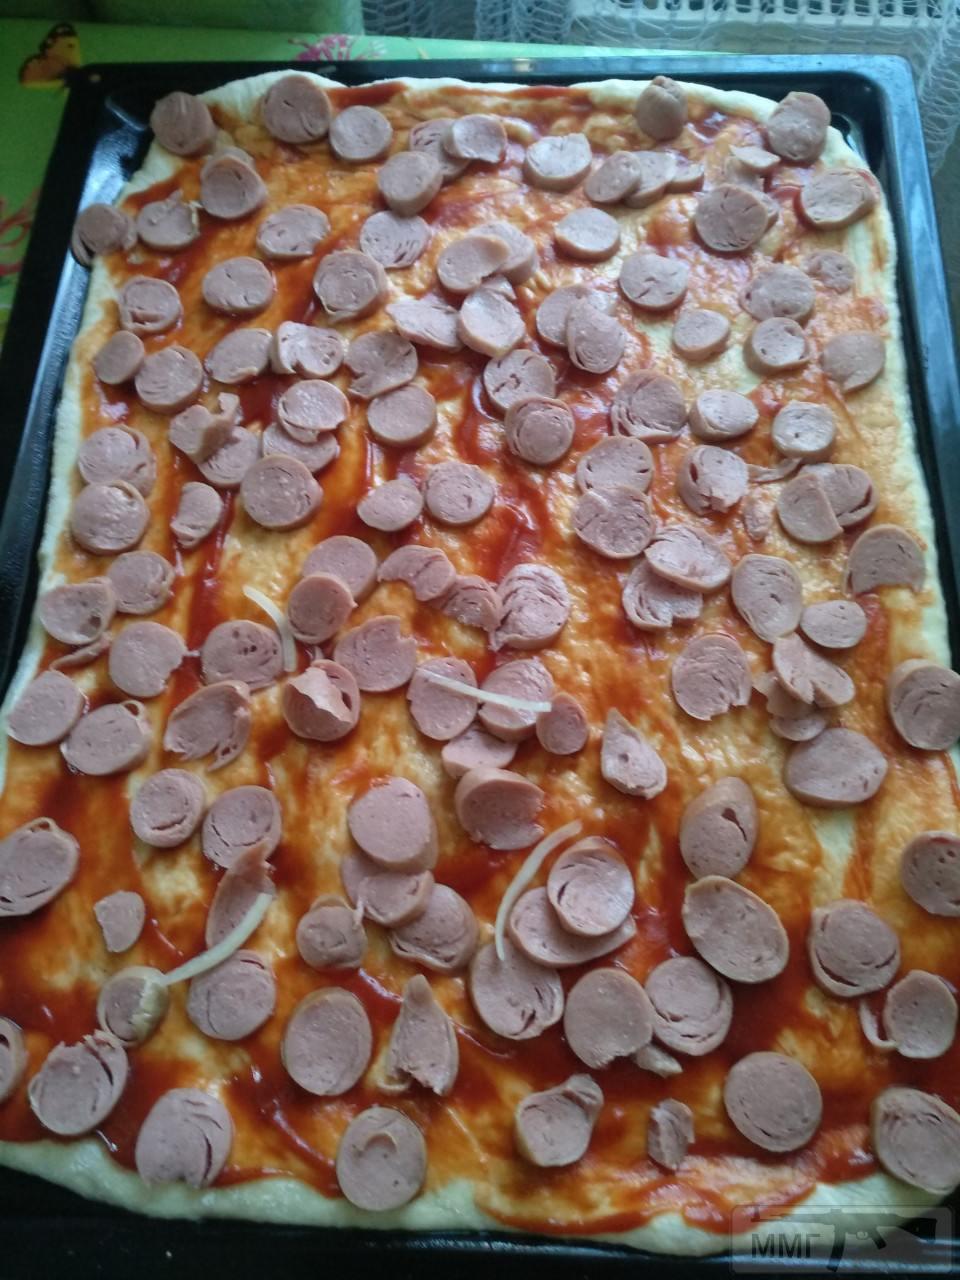 111498 - Закуски на огне (мангал, барбекю и т.д.) и кулинария вообще. Советы и рецепты.